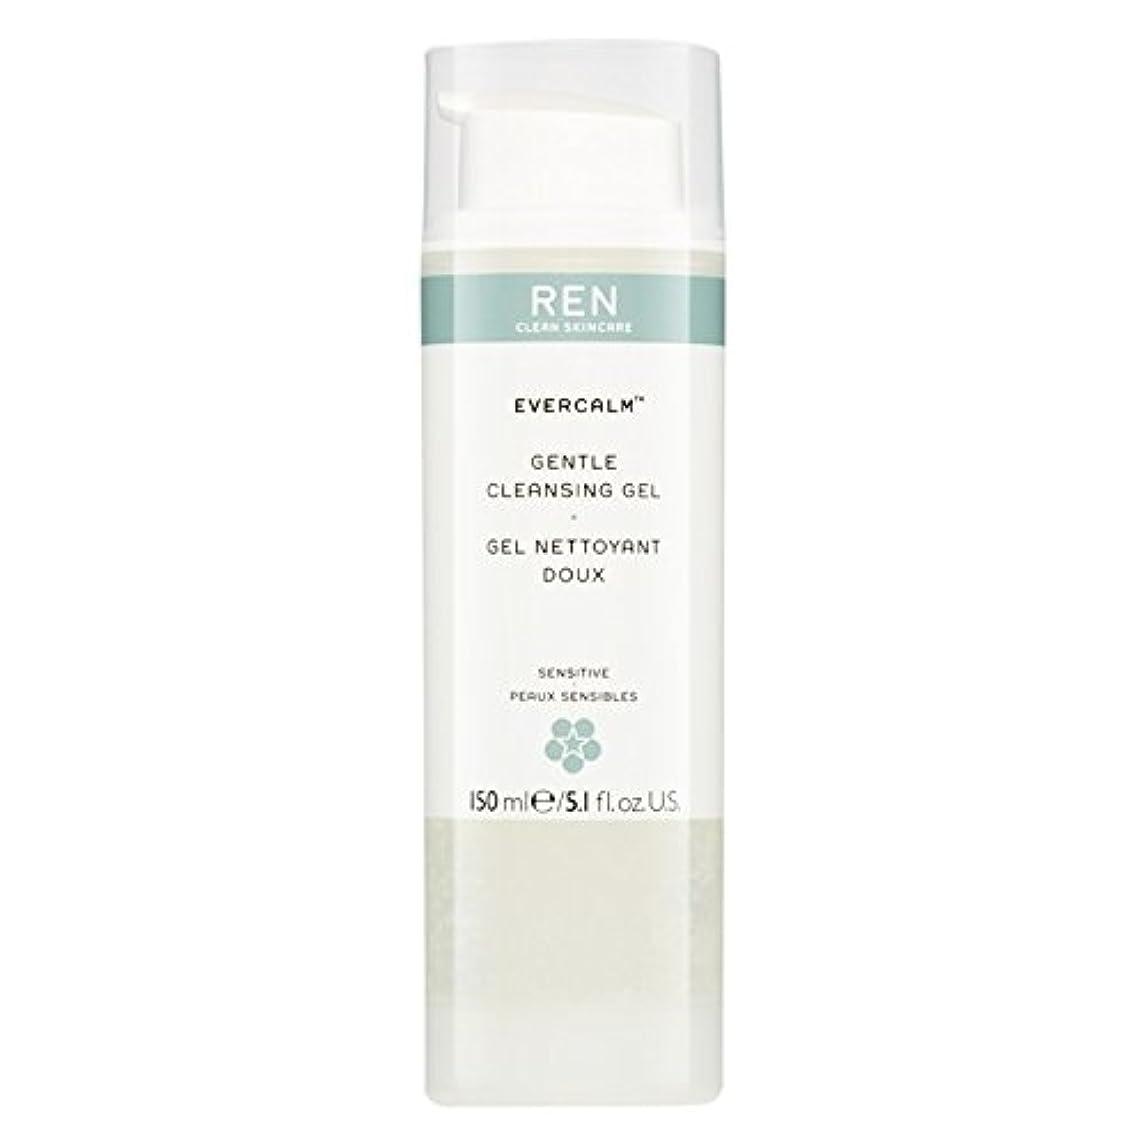 整理するディレクトリナイトスポットRen Evercalm優しいクレンジングジェル、150ミリリットル (REN) (x2) - REN Evercalm Gentle Cleansing Gel, 150ml (Pack of 2) [並行輸入品]